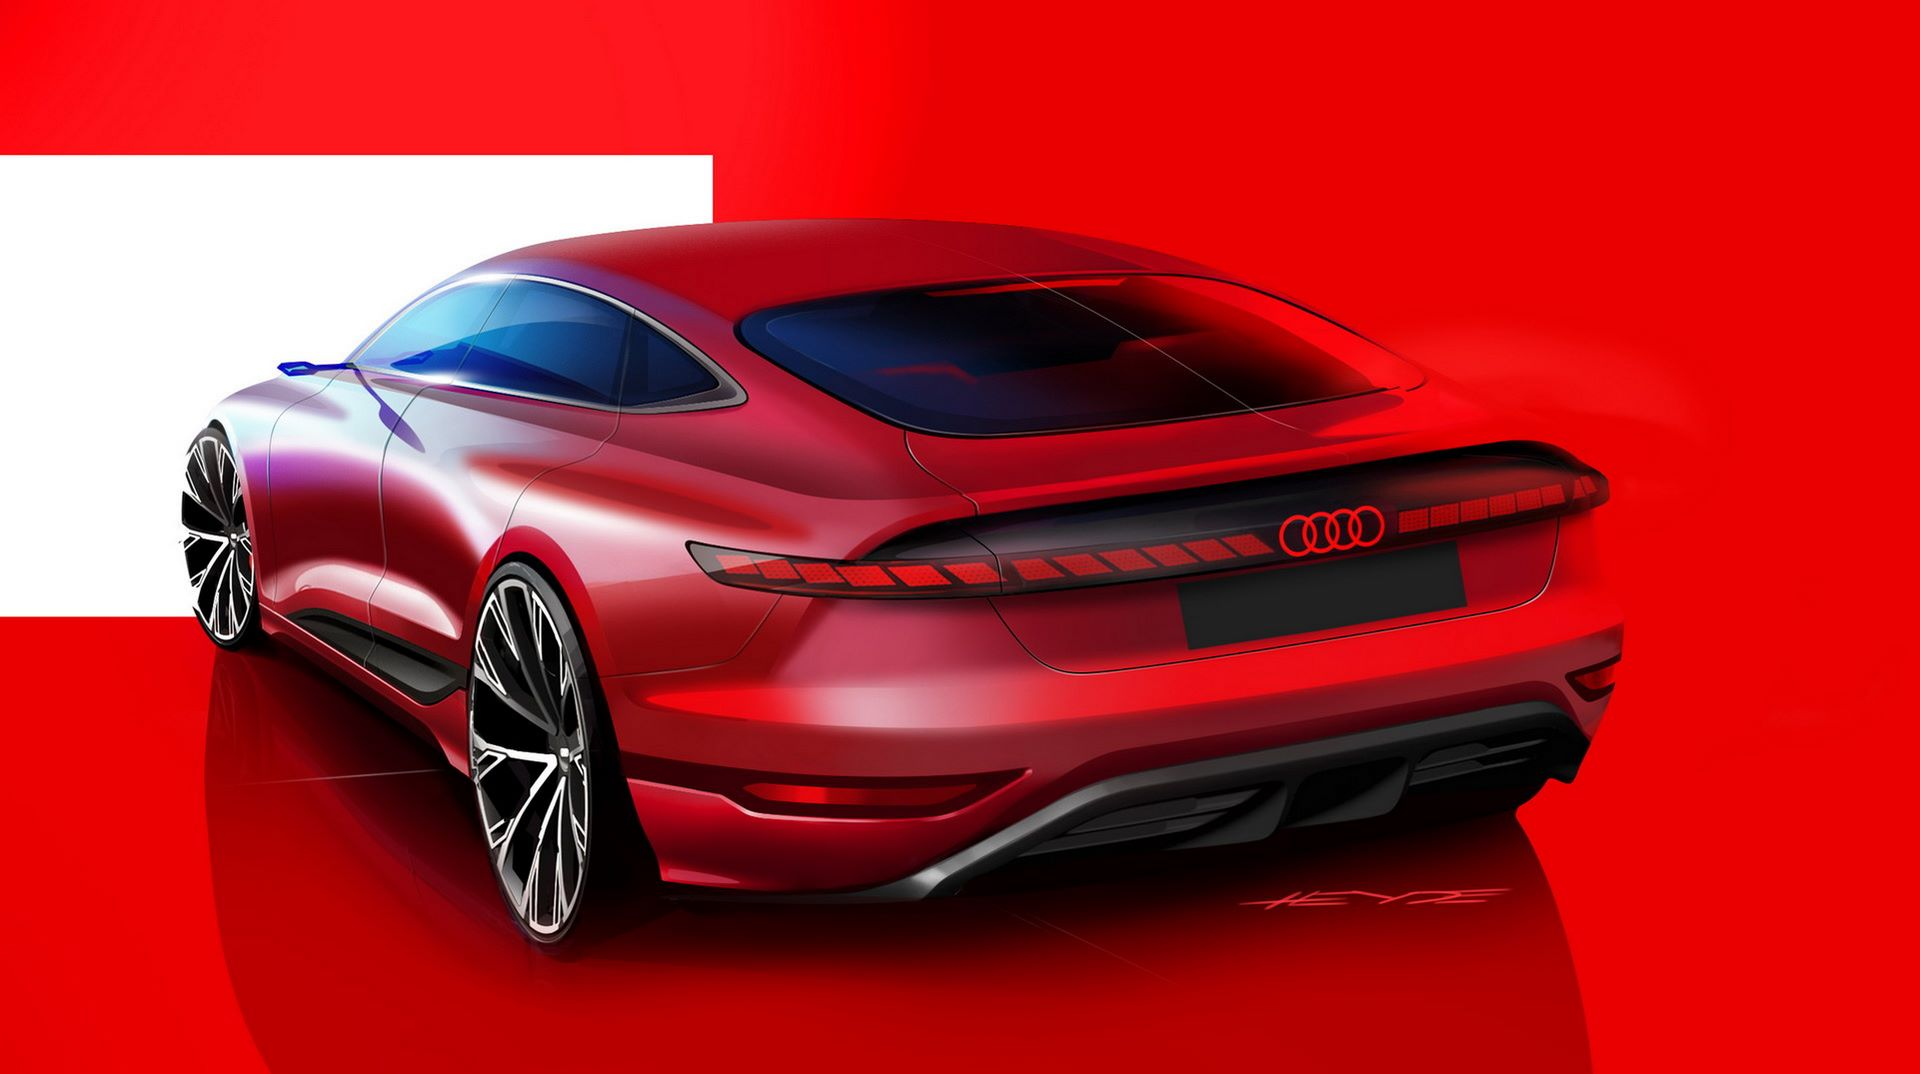 Audi-A6-e-tron-concept-46